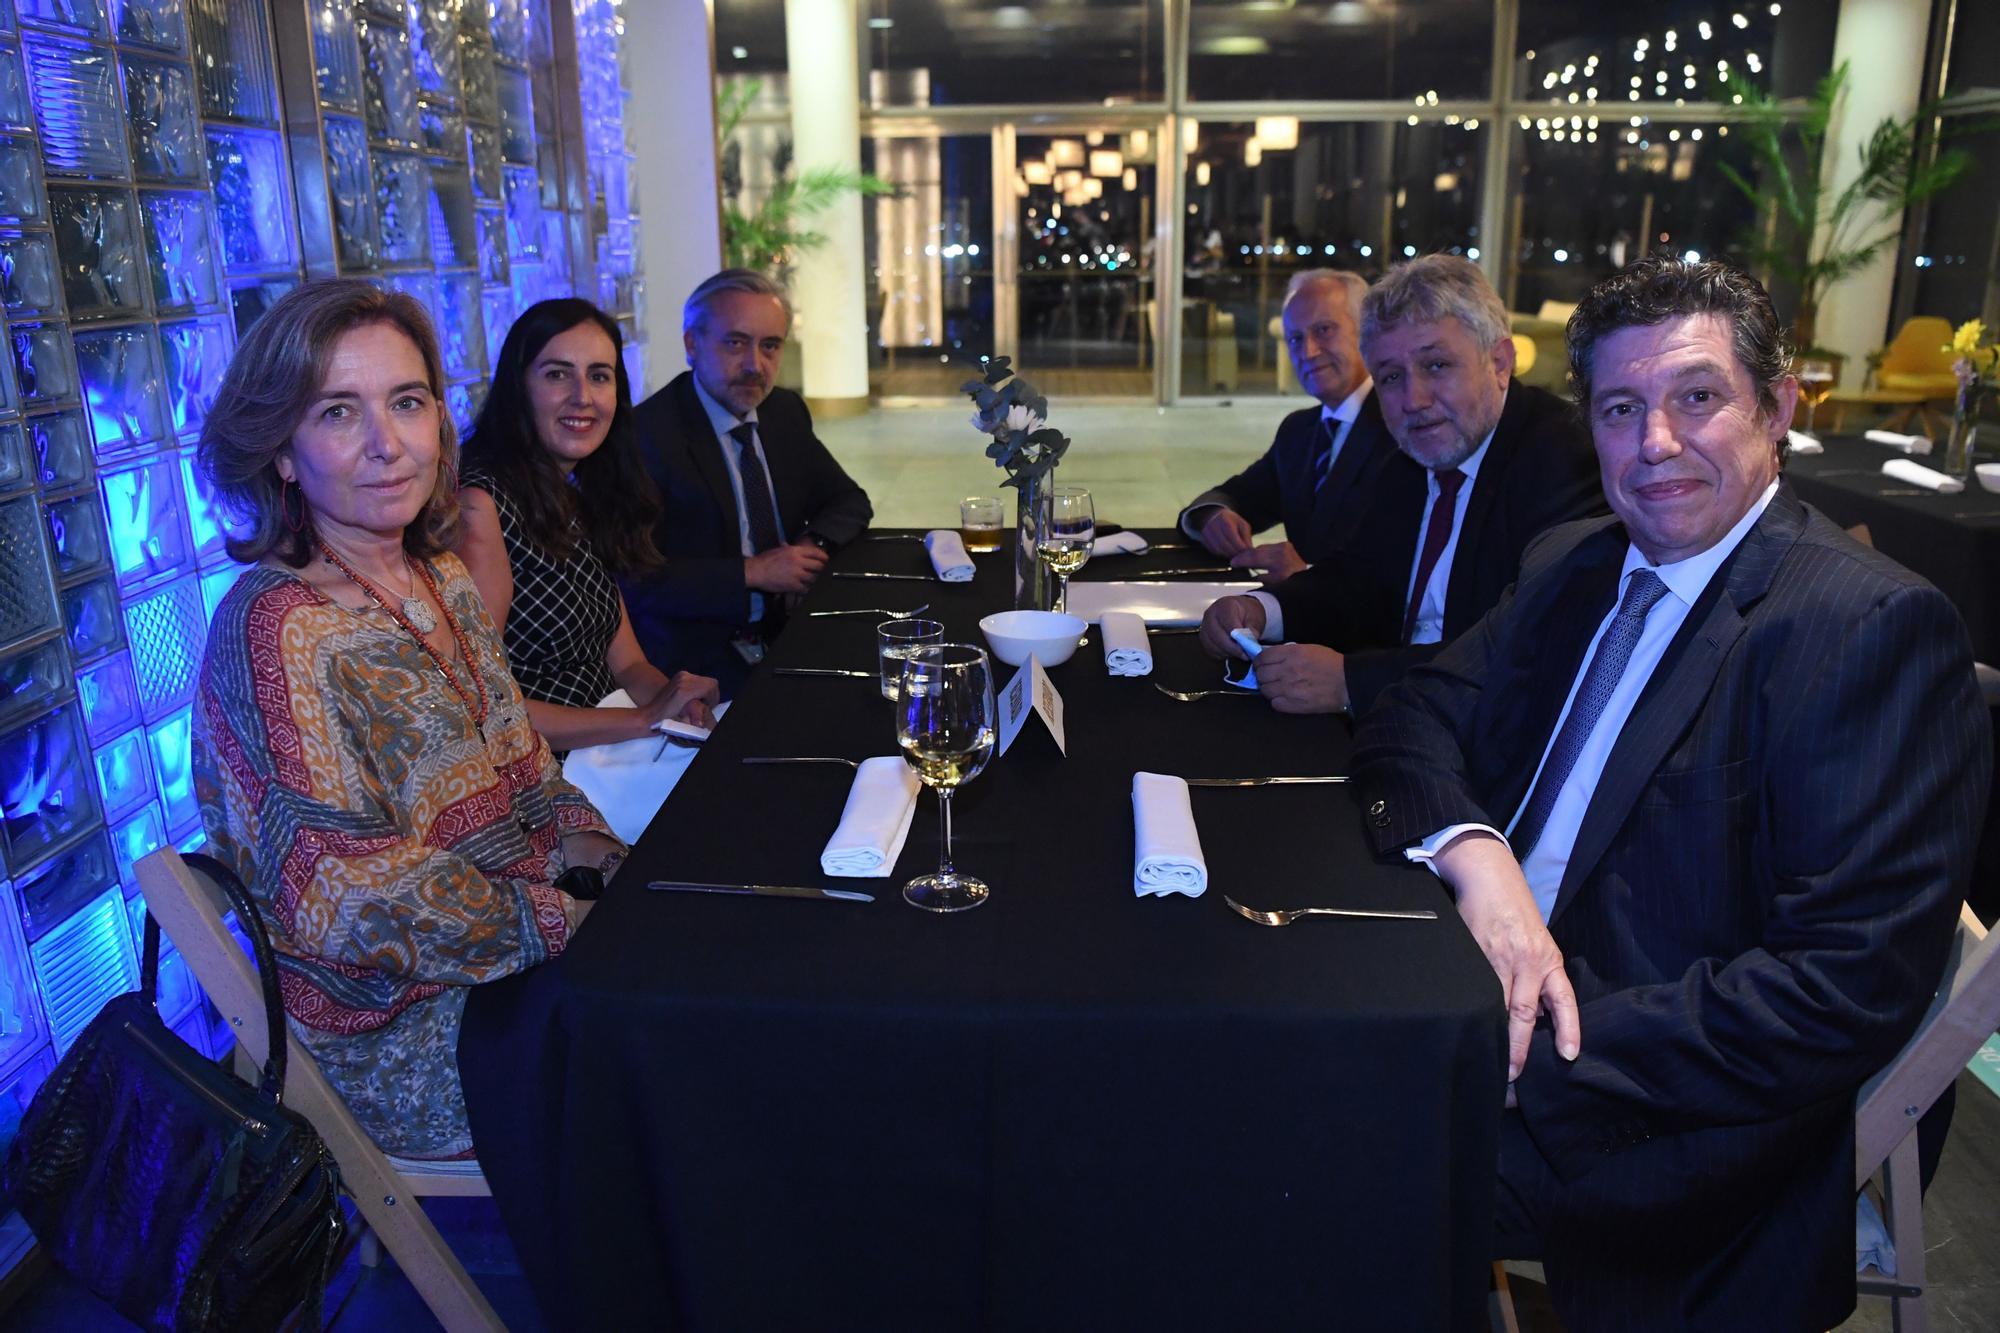 XX Aniversario LA OPINIÓN A CORUÑA   Los invitados al convite